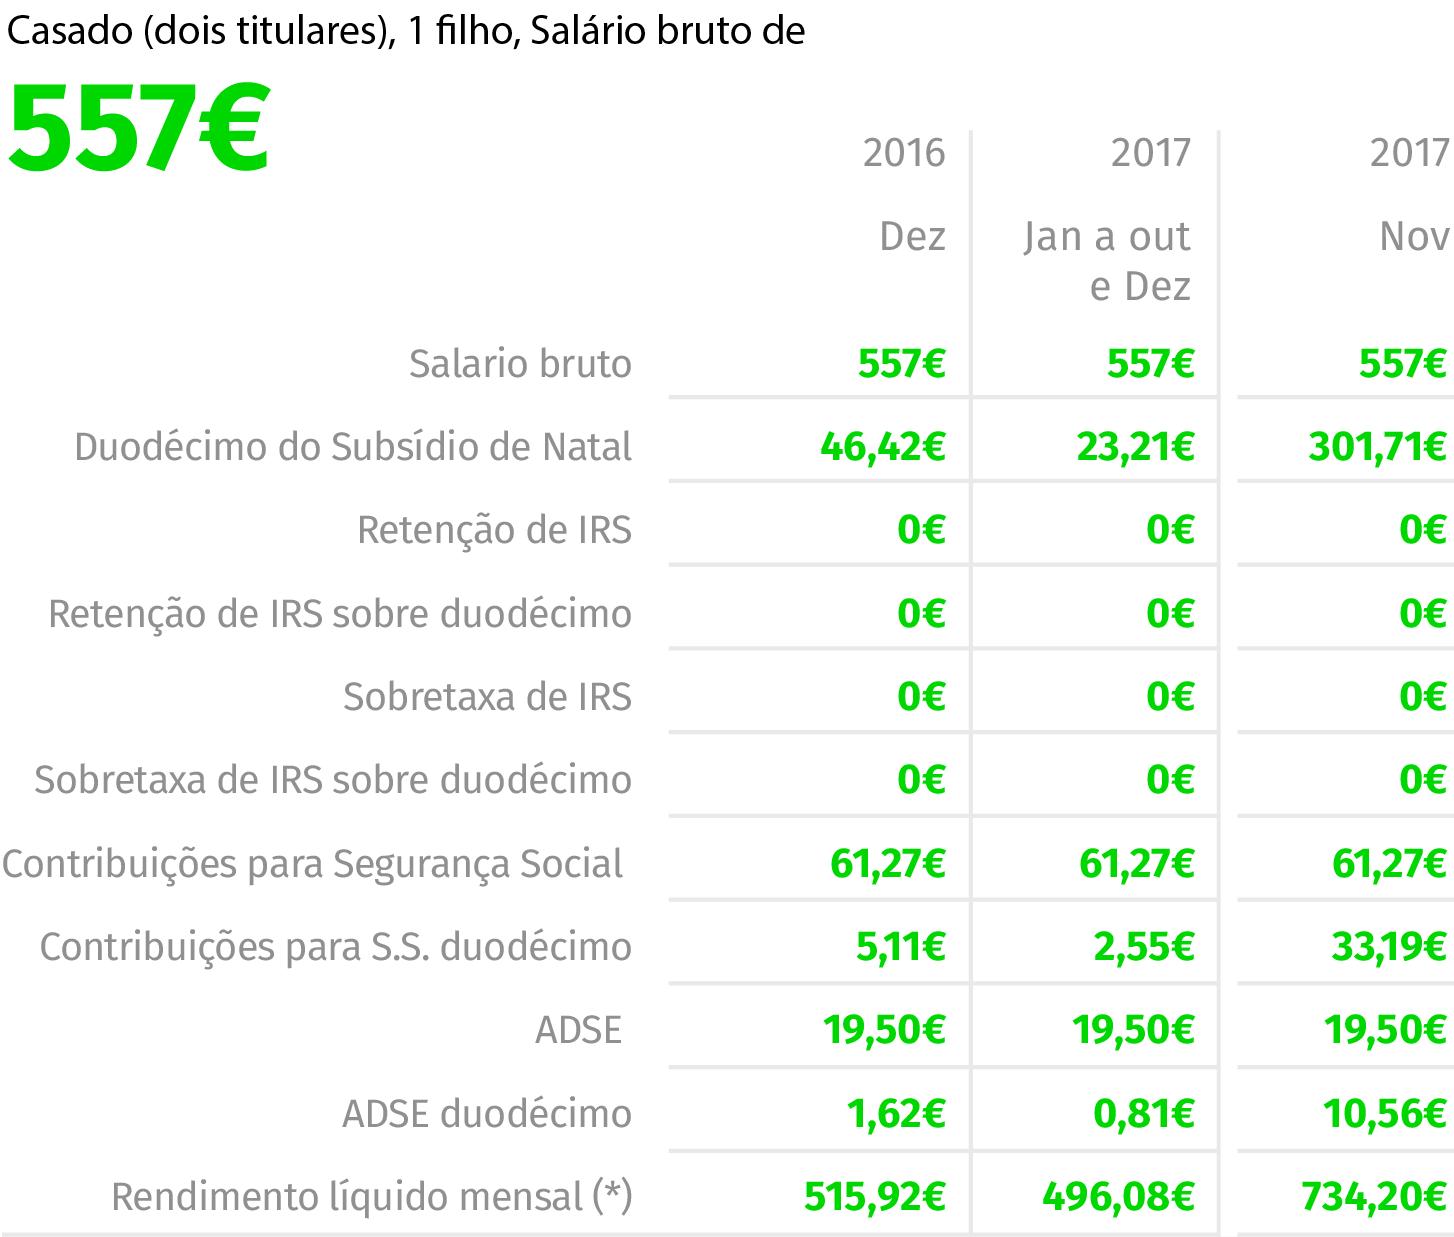 """Fonte: EY (Valores em euros) NOTA: As simulações não ilustram o rendimento líquido mensal no mês de pagamento do subsídio de férias em 2017. """"Duodécimo do subsídio de Natal"""" inclui 50% do subsídio em novembro."""